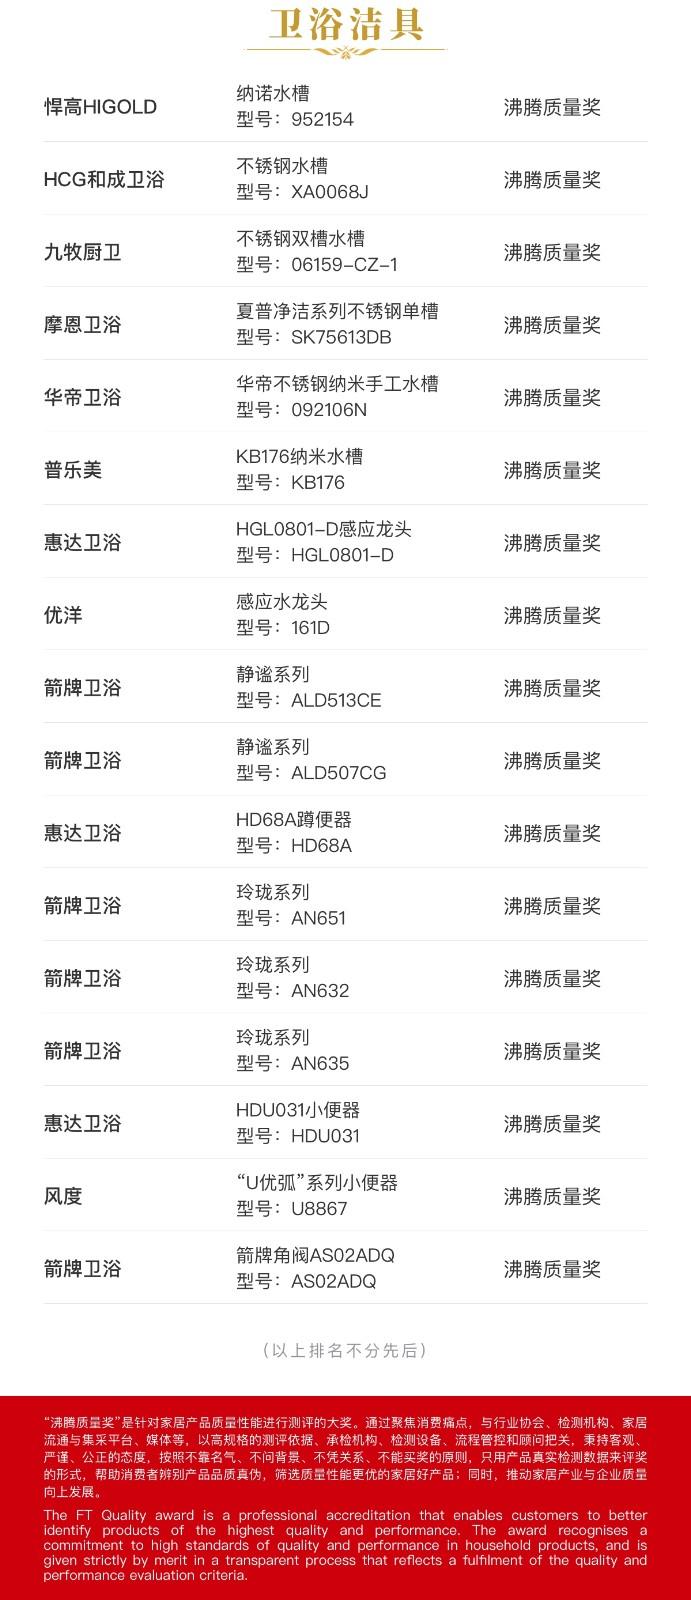 2021沸腾质量奖获奖公布(9月榜)-综合奖02.jpg